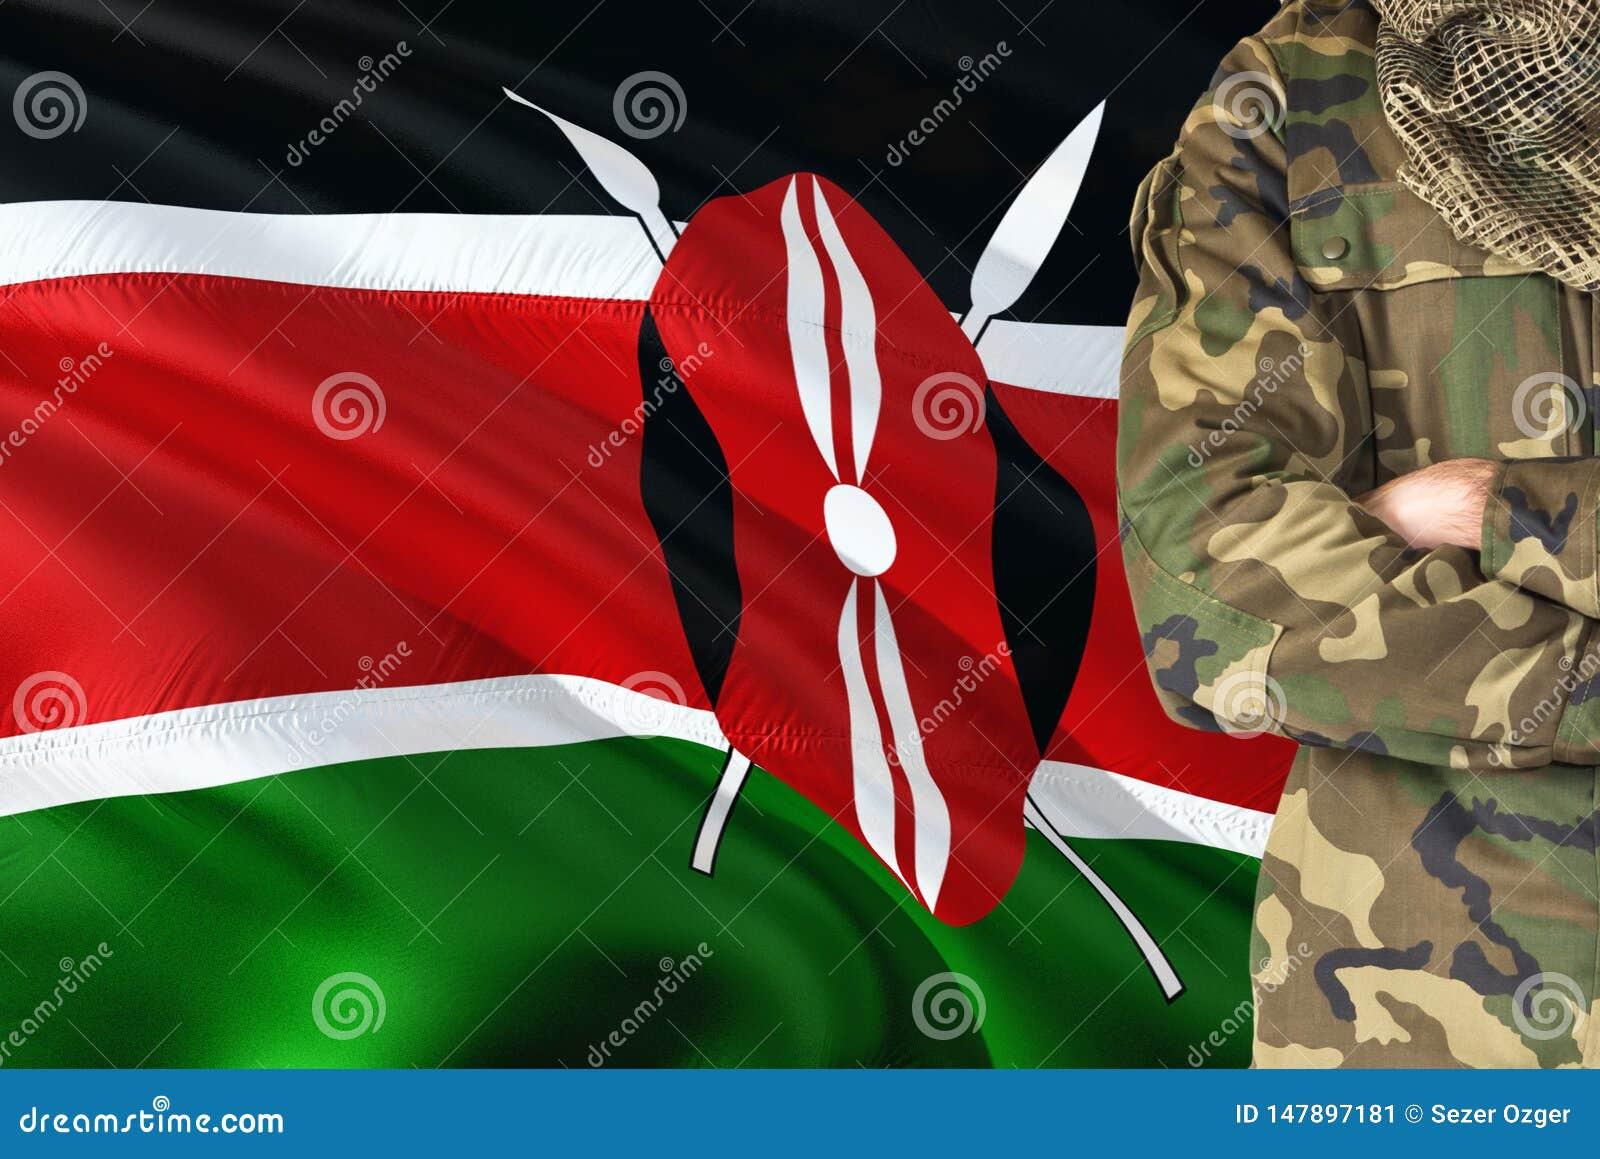 Krzyżujący ręka Kenijski żołnierz z krajową falowanie flagą na tle - Kenja wojskowego temat